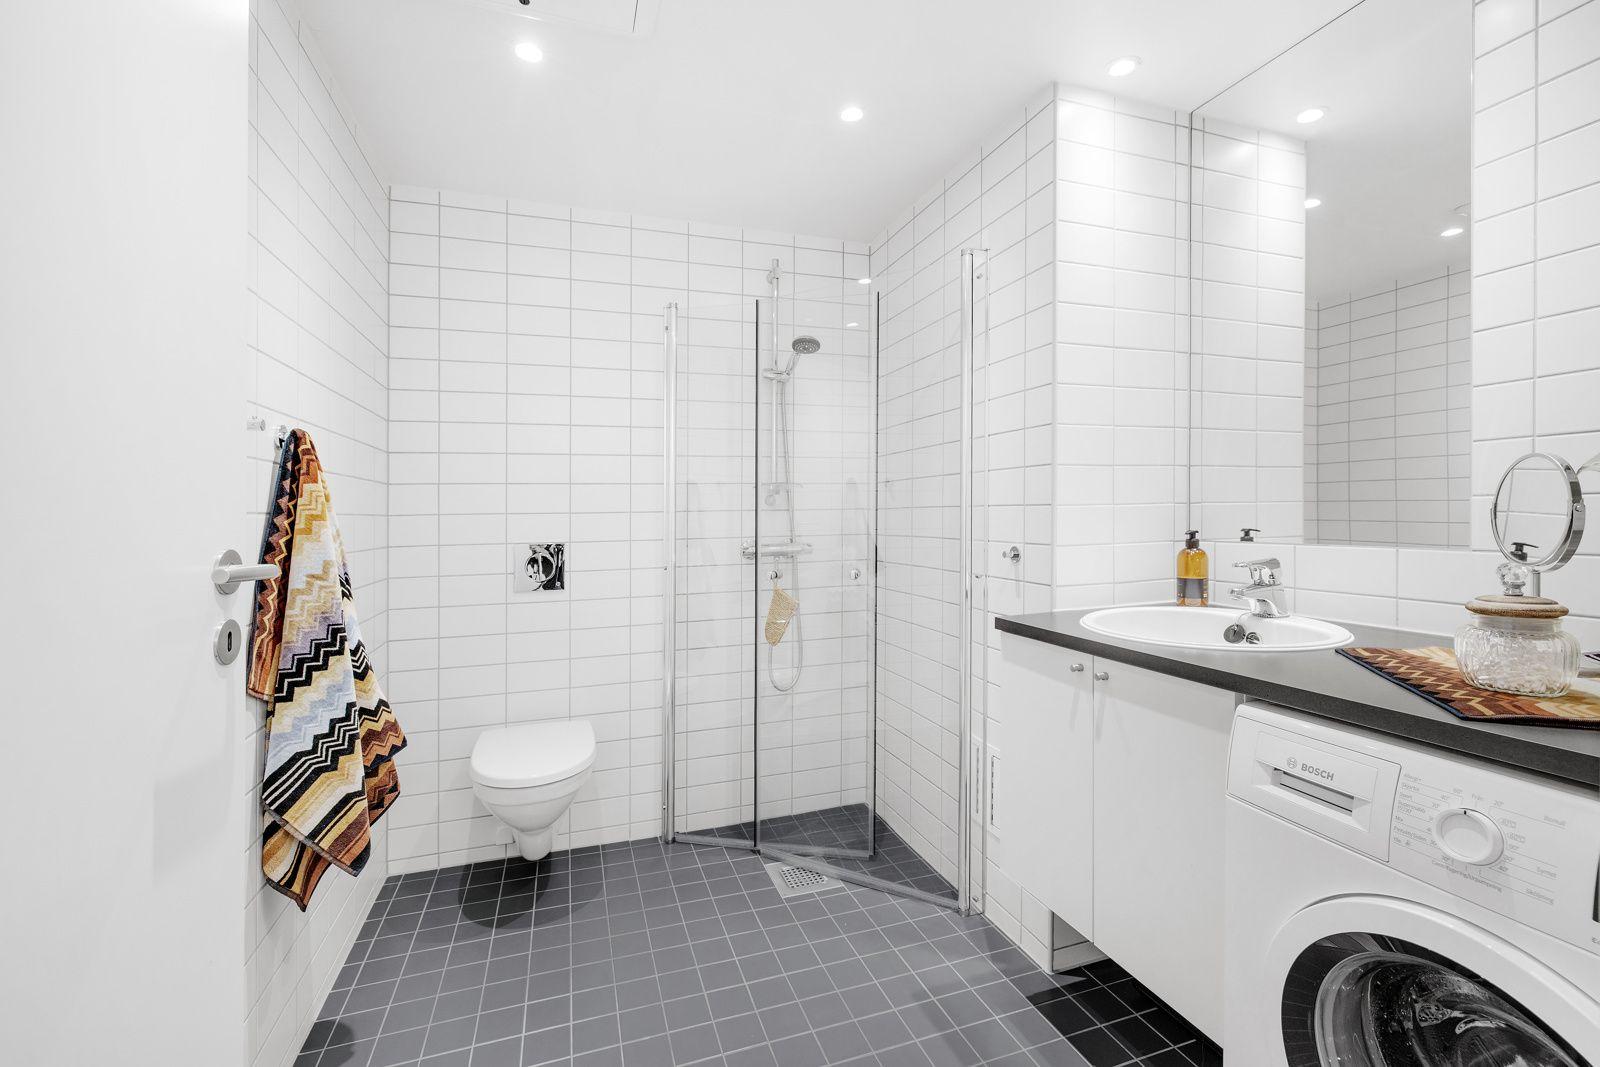 Hans Nielsen Hauges gate 37 F Flislagt og delikat bad fra byggeår. Badet inneholder: flislagte gulv og vegger, servantskap med glatte fronter, servant med ett greps armatur fra Gustavsberg, innmurt speil og vegghengt toalett.